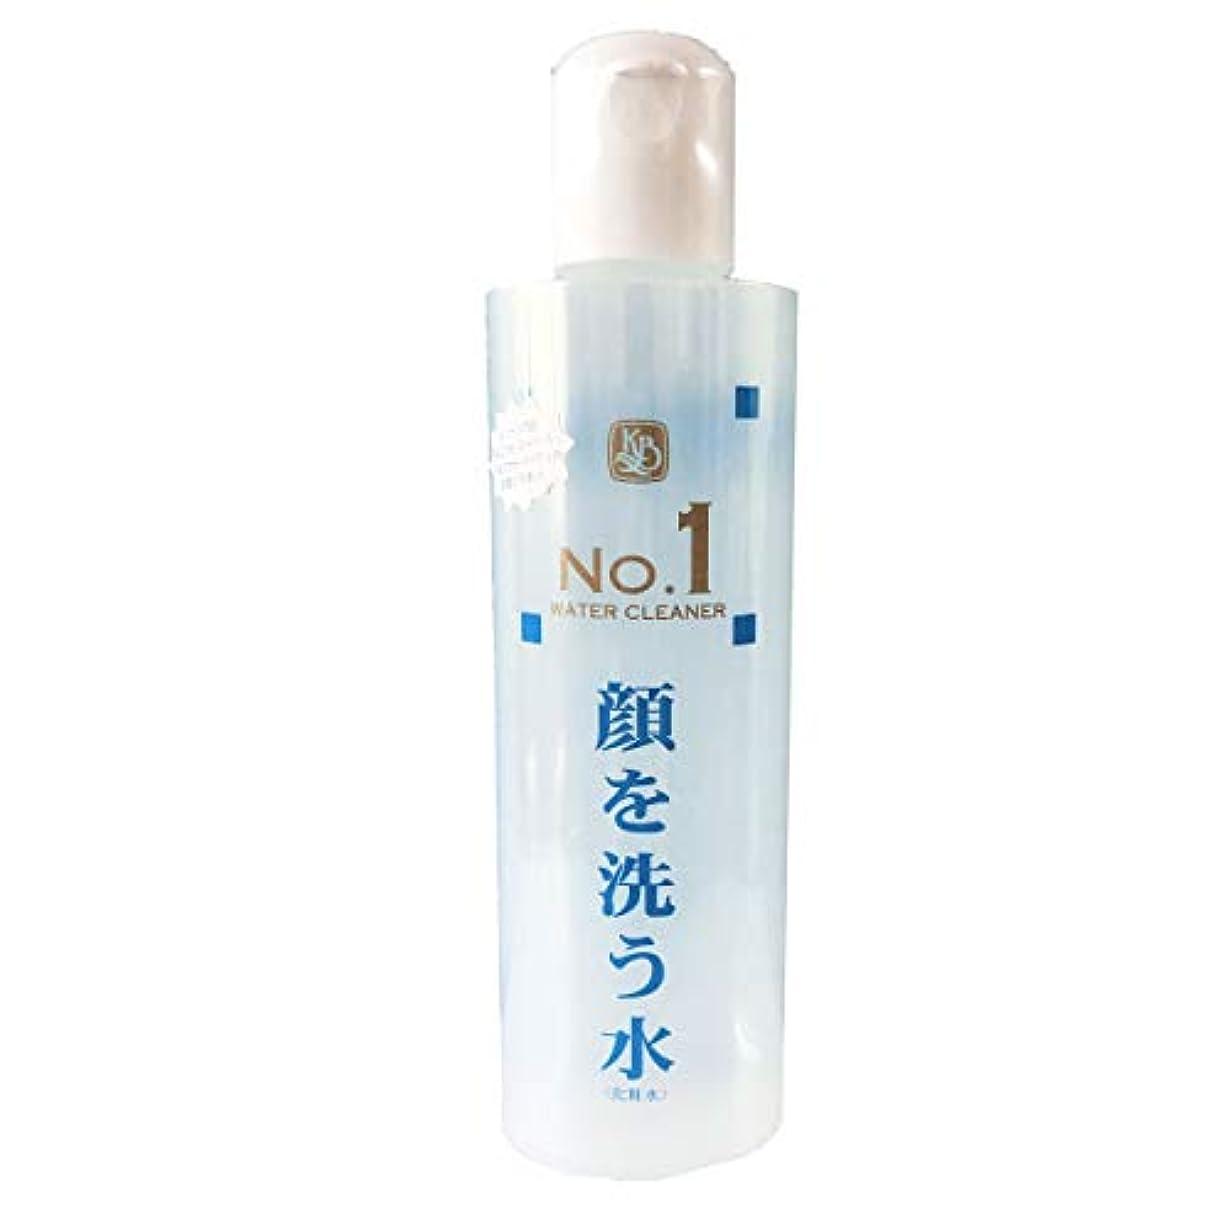 幻影全国航海の顔を洗う水 ウォータークリーナーNo1 250ml